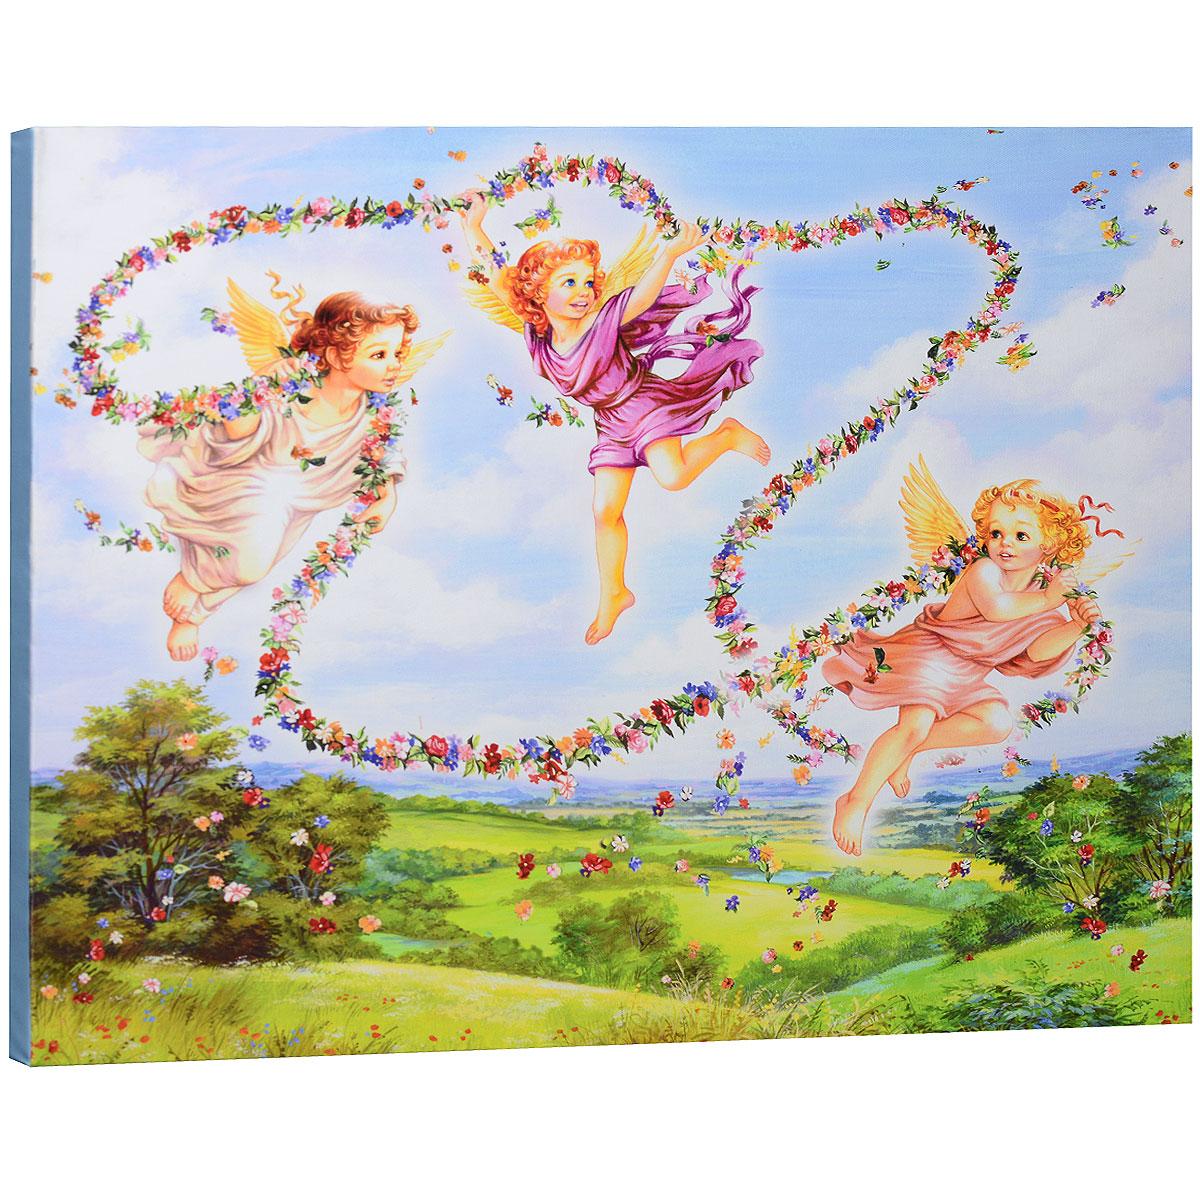 КвикДекор Картина на холсте Маленькие ангелы, 60 см х 50 смБрелок для ключейКартина на холсте КвикДекор Маленькие ангелы автора Зорина Балдеску дополнит обстановку интерьера яркими красками и необычным оформлением. Изделие представляет собой картину с латексной печатью на натуральном хлопчатобумажном холсте. Галерейная натяжка холста на подрамники выполнена очень аккуратно, а боковые части картины запечатаны тоновой заливкой. Обратная сторона подрамника содержит отверстие, благодаря которому картину можно легко закрепить на стене и подкорректировать ее положение.Автор картины специализируется на создании восхитительных сказочных образов - русалок, принцесс, фей, единорогов и многих других. Сказки, иллюстрированные Зориной, - особый, волшебный и очаровательный мир, подаренный нам художницей посредством ее искусства и неисчерпаемой фантазии.Картина Маленькие ангелы отлично подойдет к интерьеру не только детской комнаты, но и гостиной.Картина поставляется в стрейч-пленке с защитными картонными уголками, упакована в гофрокоробку с термоусадкой.